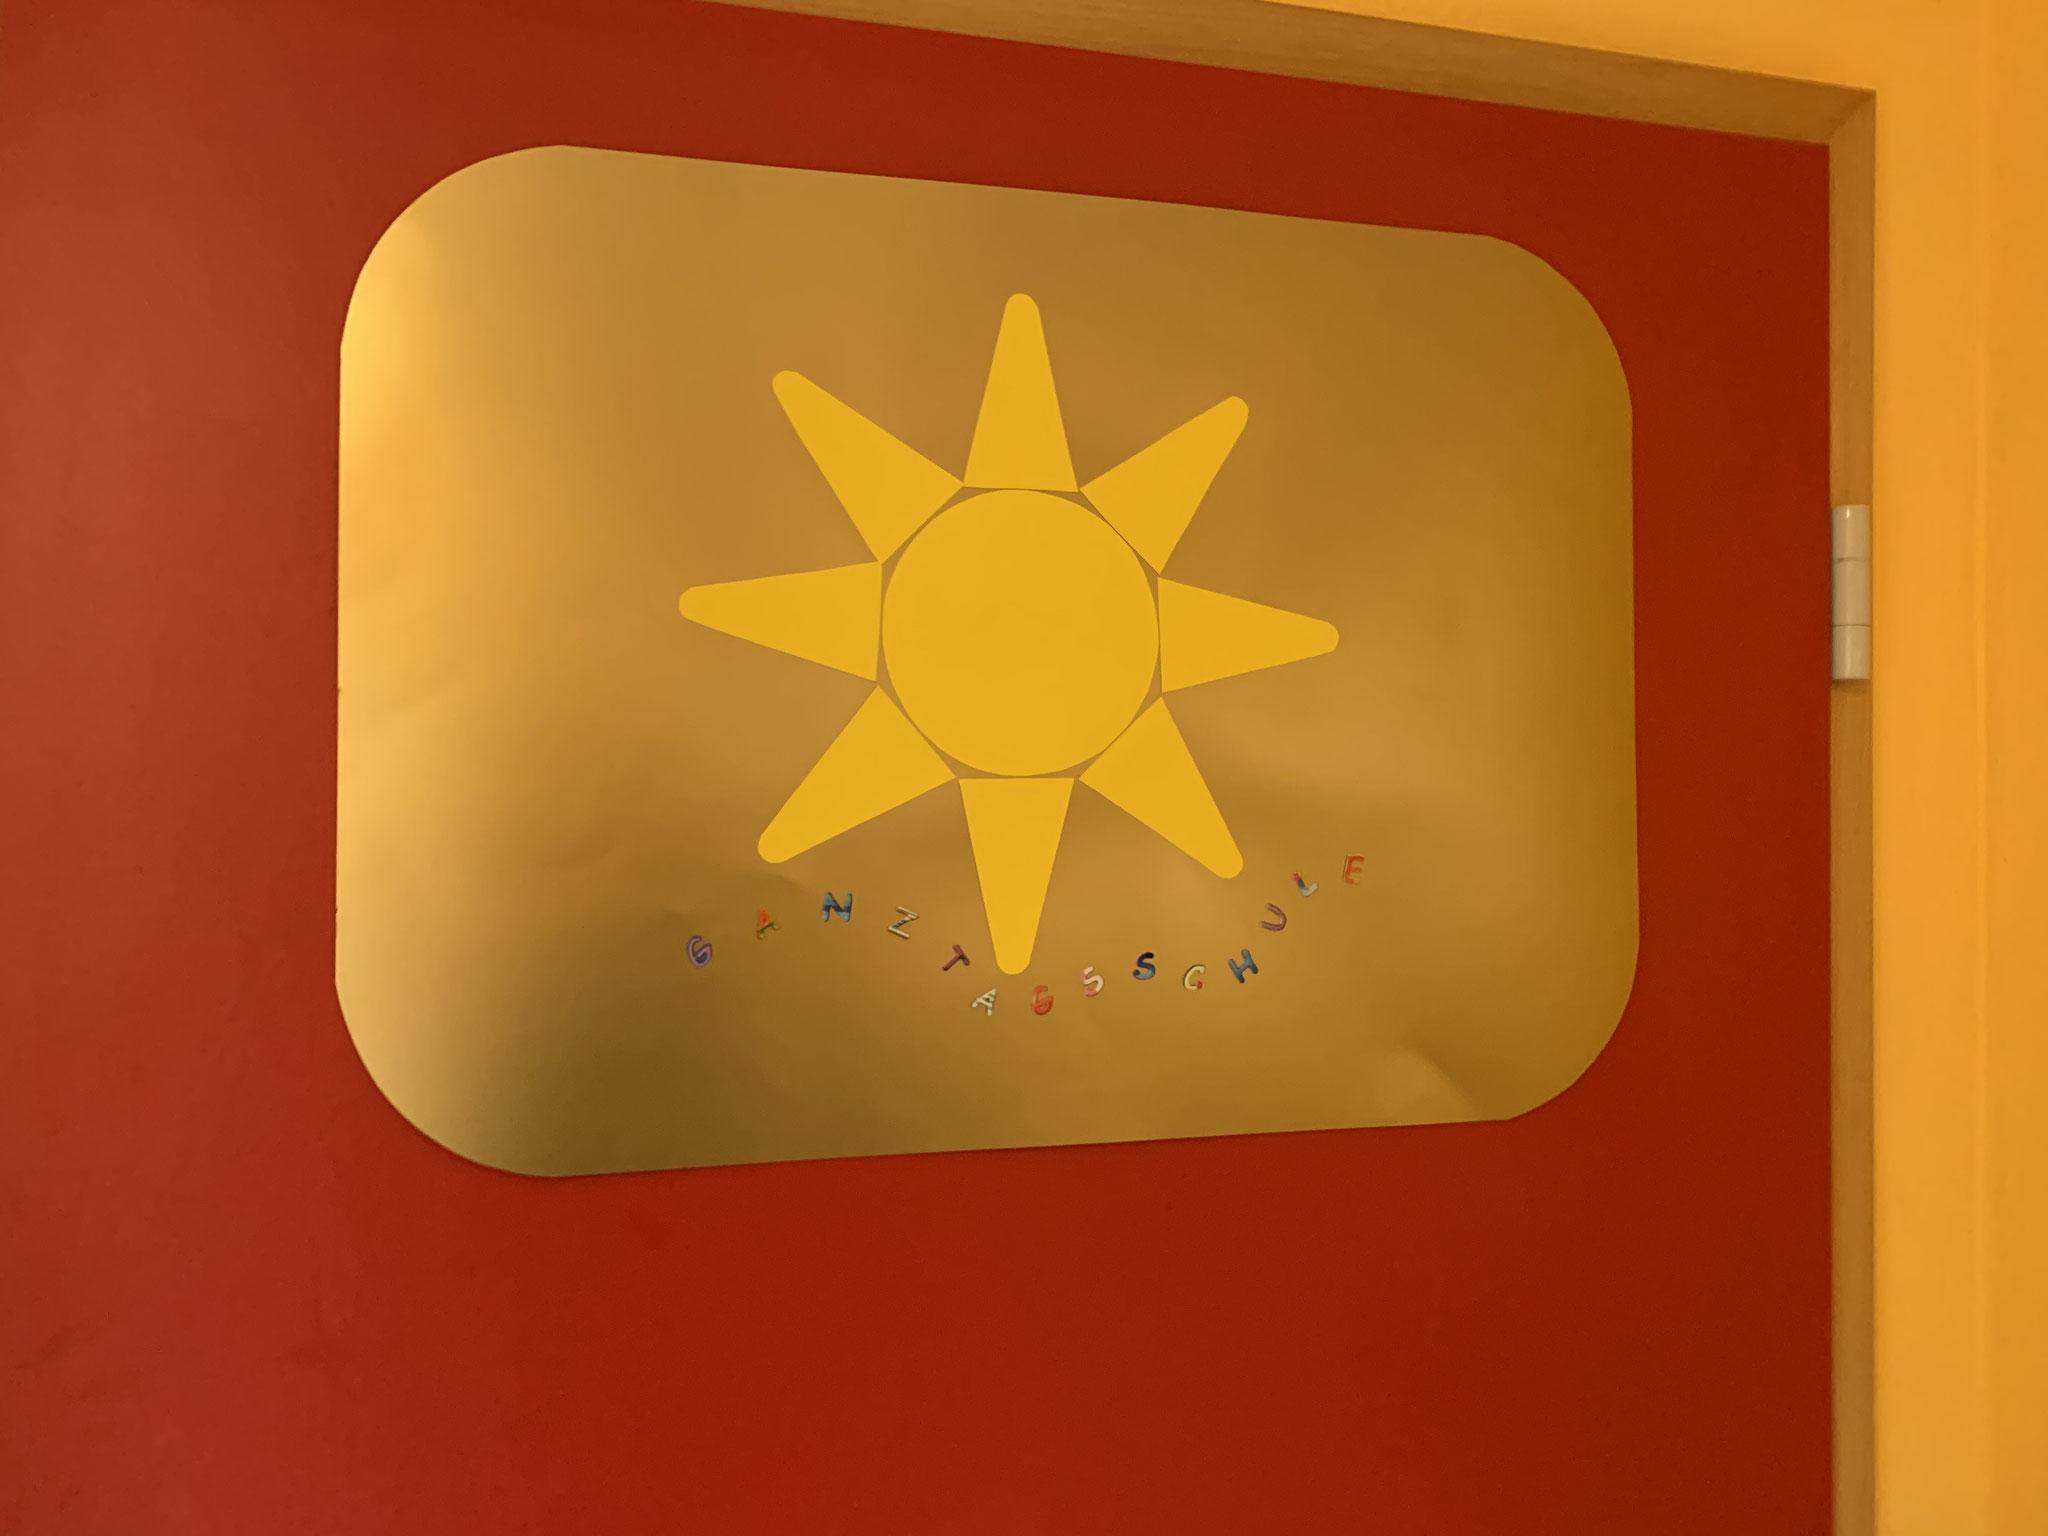 1a, 1c, Betreuungsraum Sonne